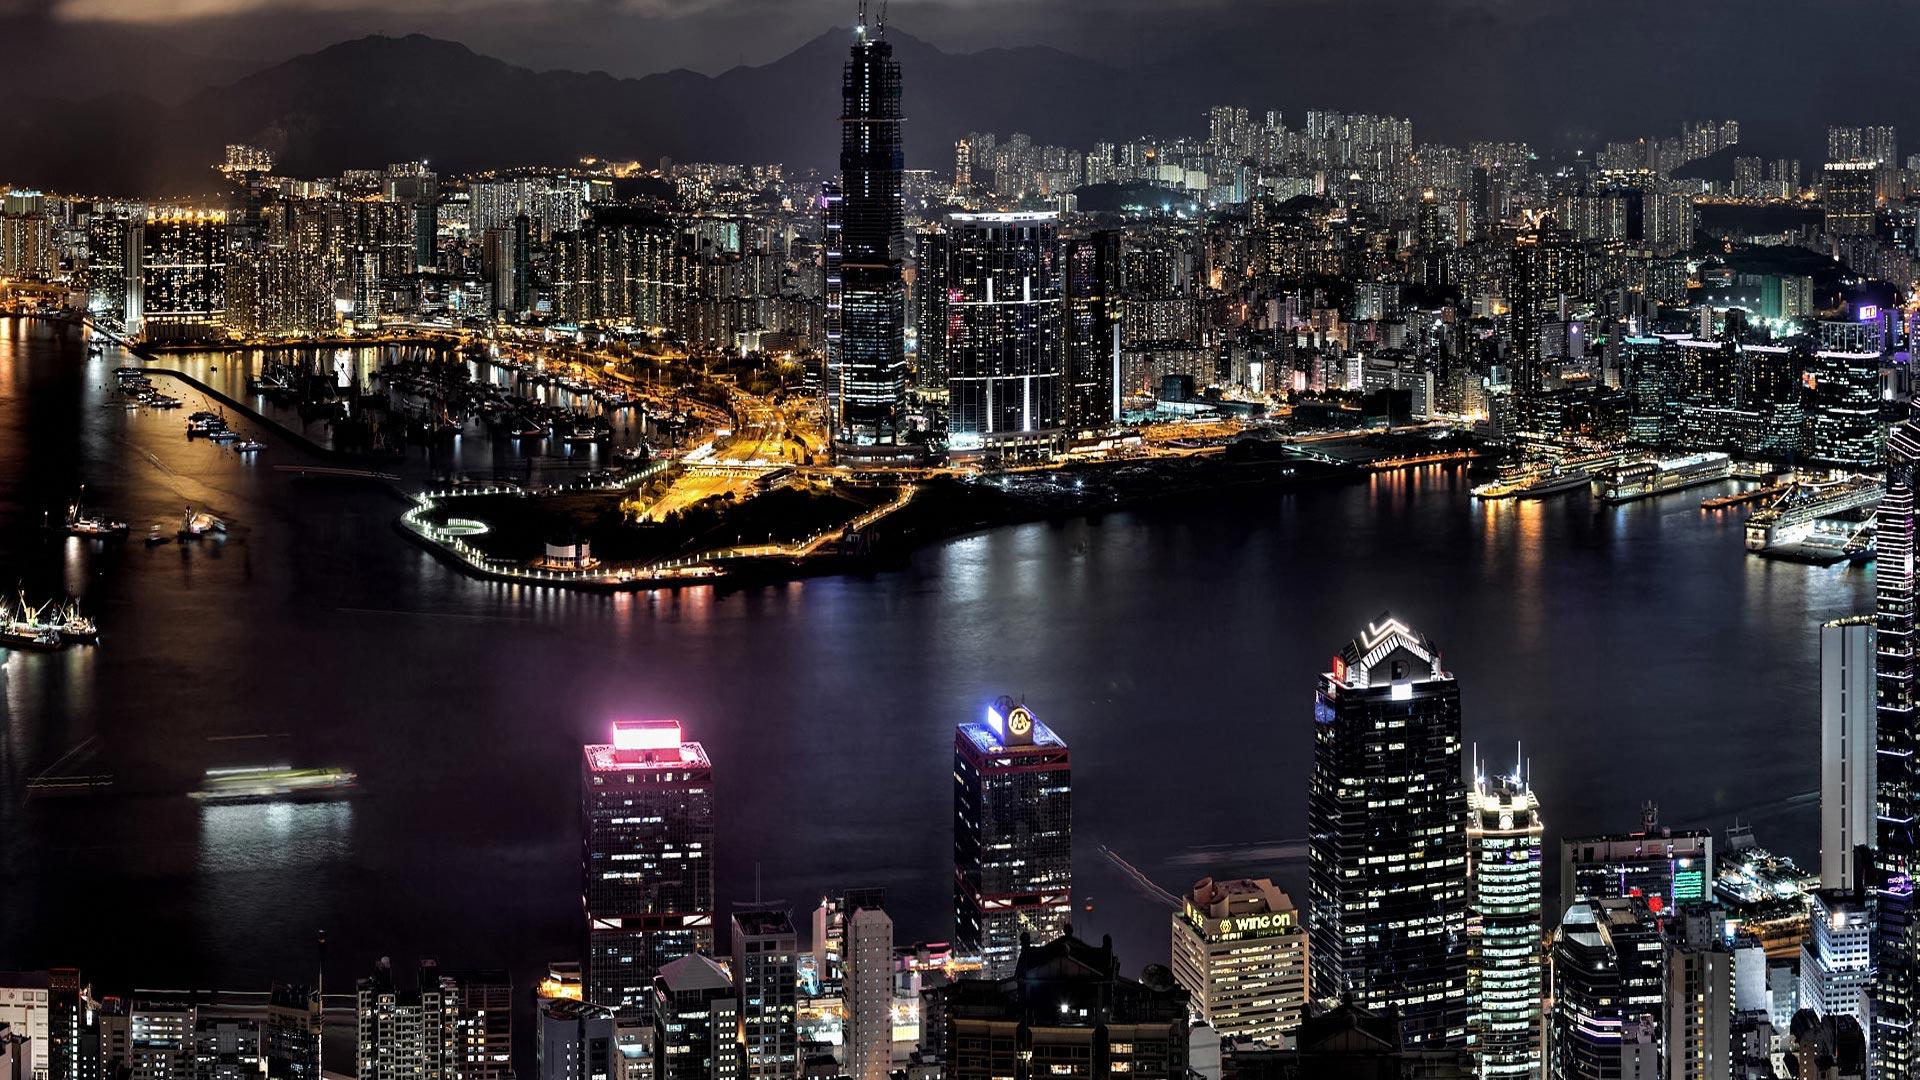 эта деталь картинки для телефона ночной город ведь сколько всего